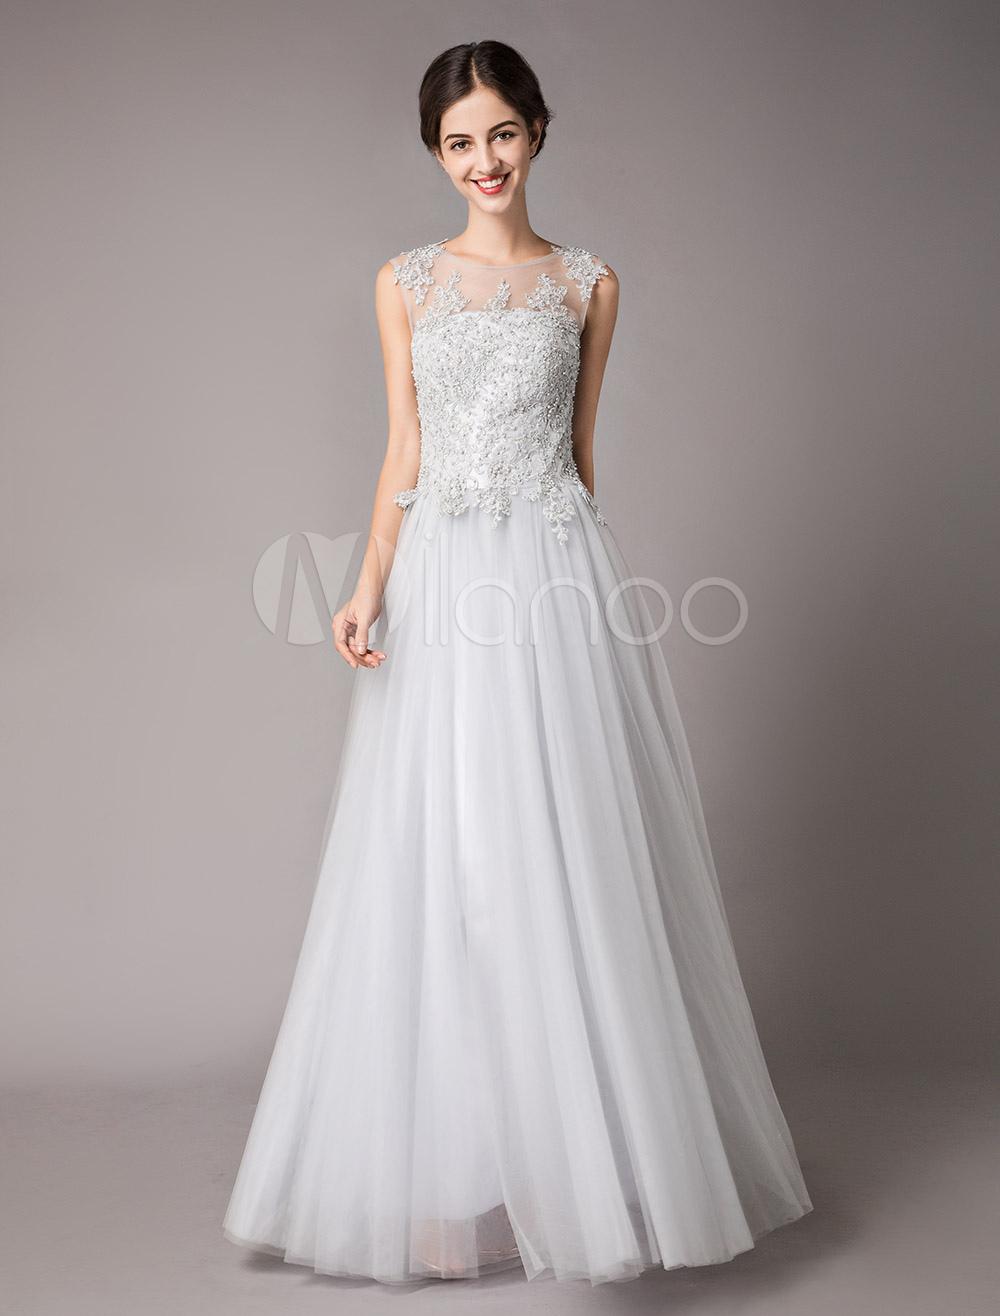 81a63fac009e Vestidos de noche plateados Formal de tul de encaje Perlas rebordear una  línea Vestido de fiesta